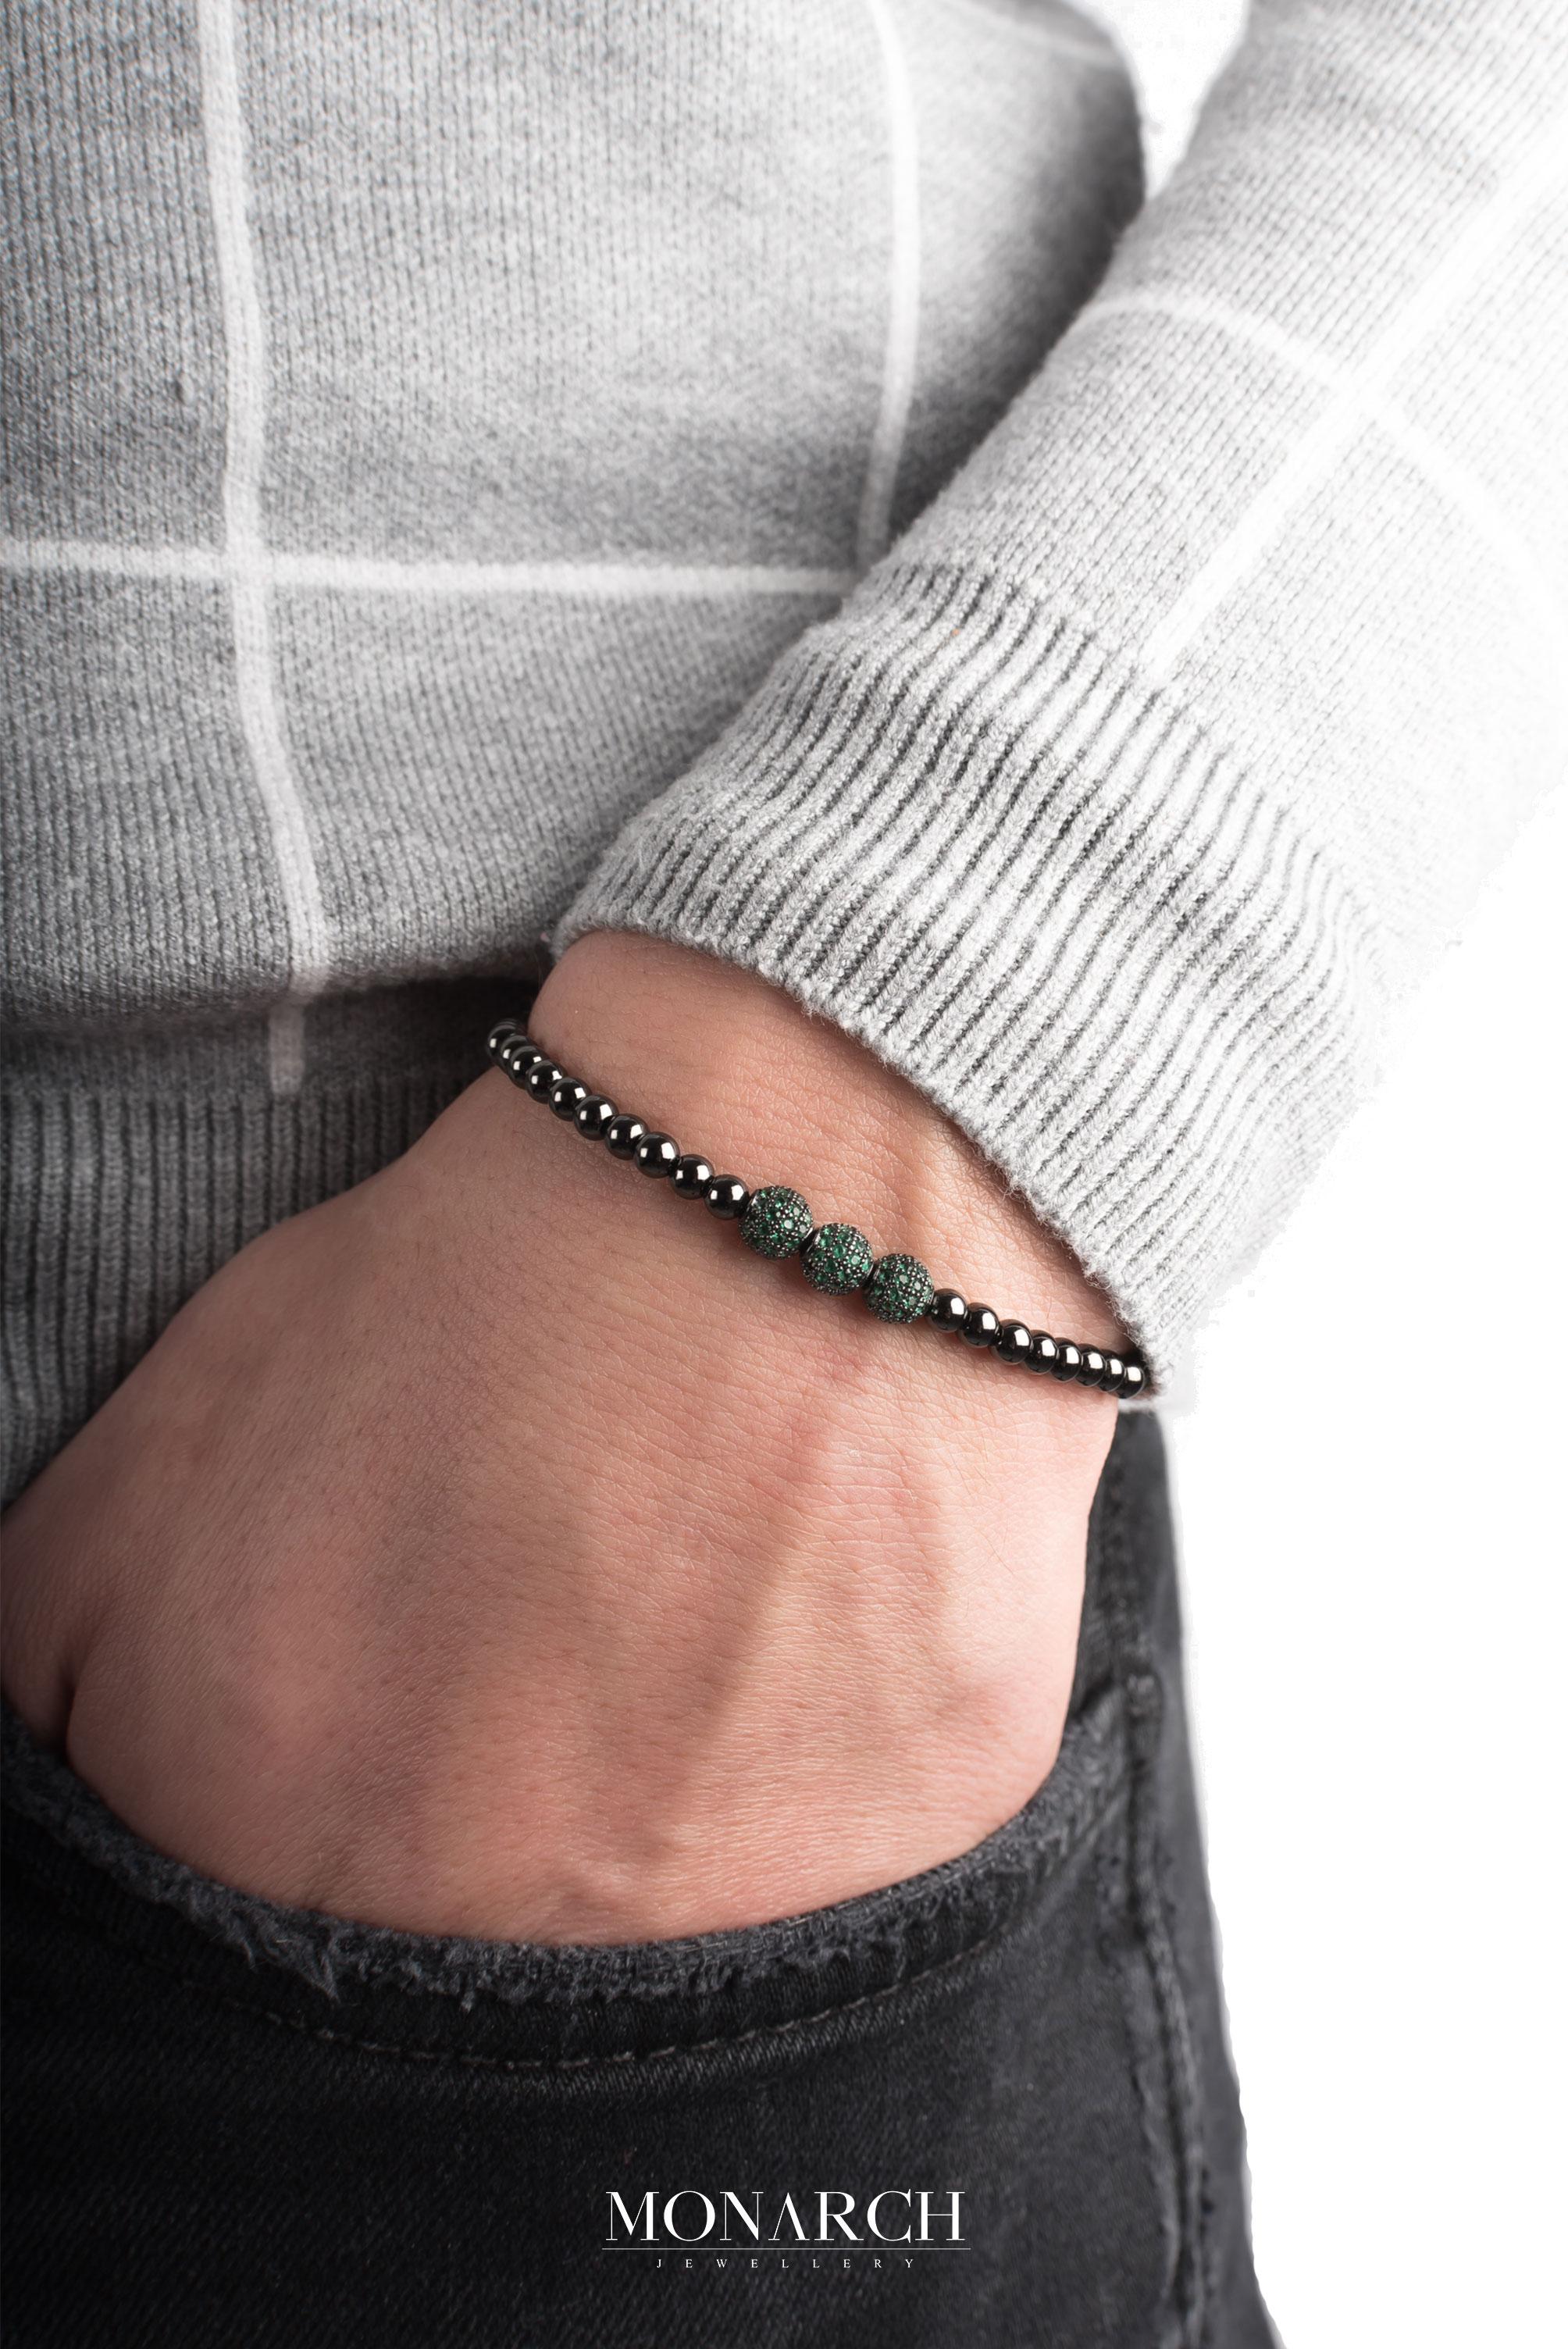 black luxury bracelet for man, monarch jewellery MA64BEMR